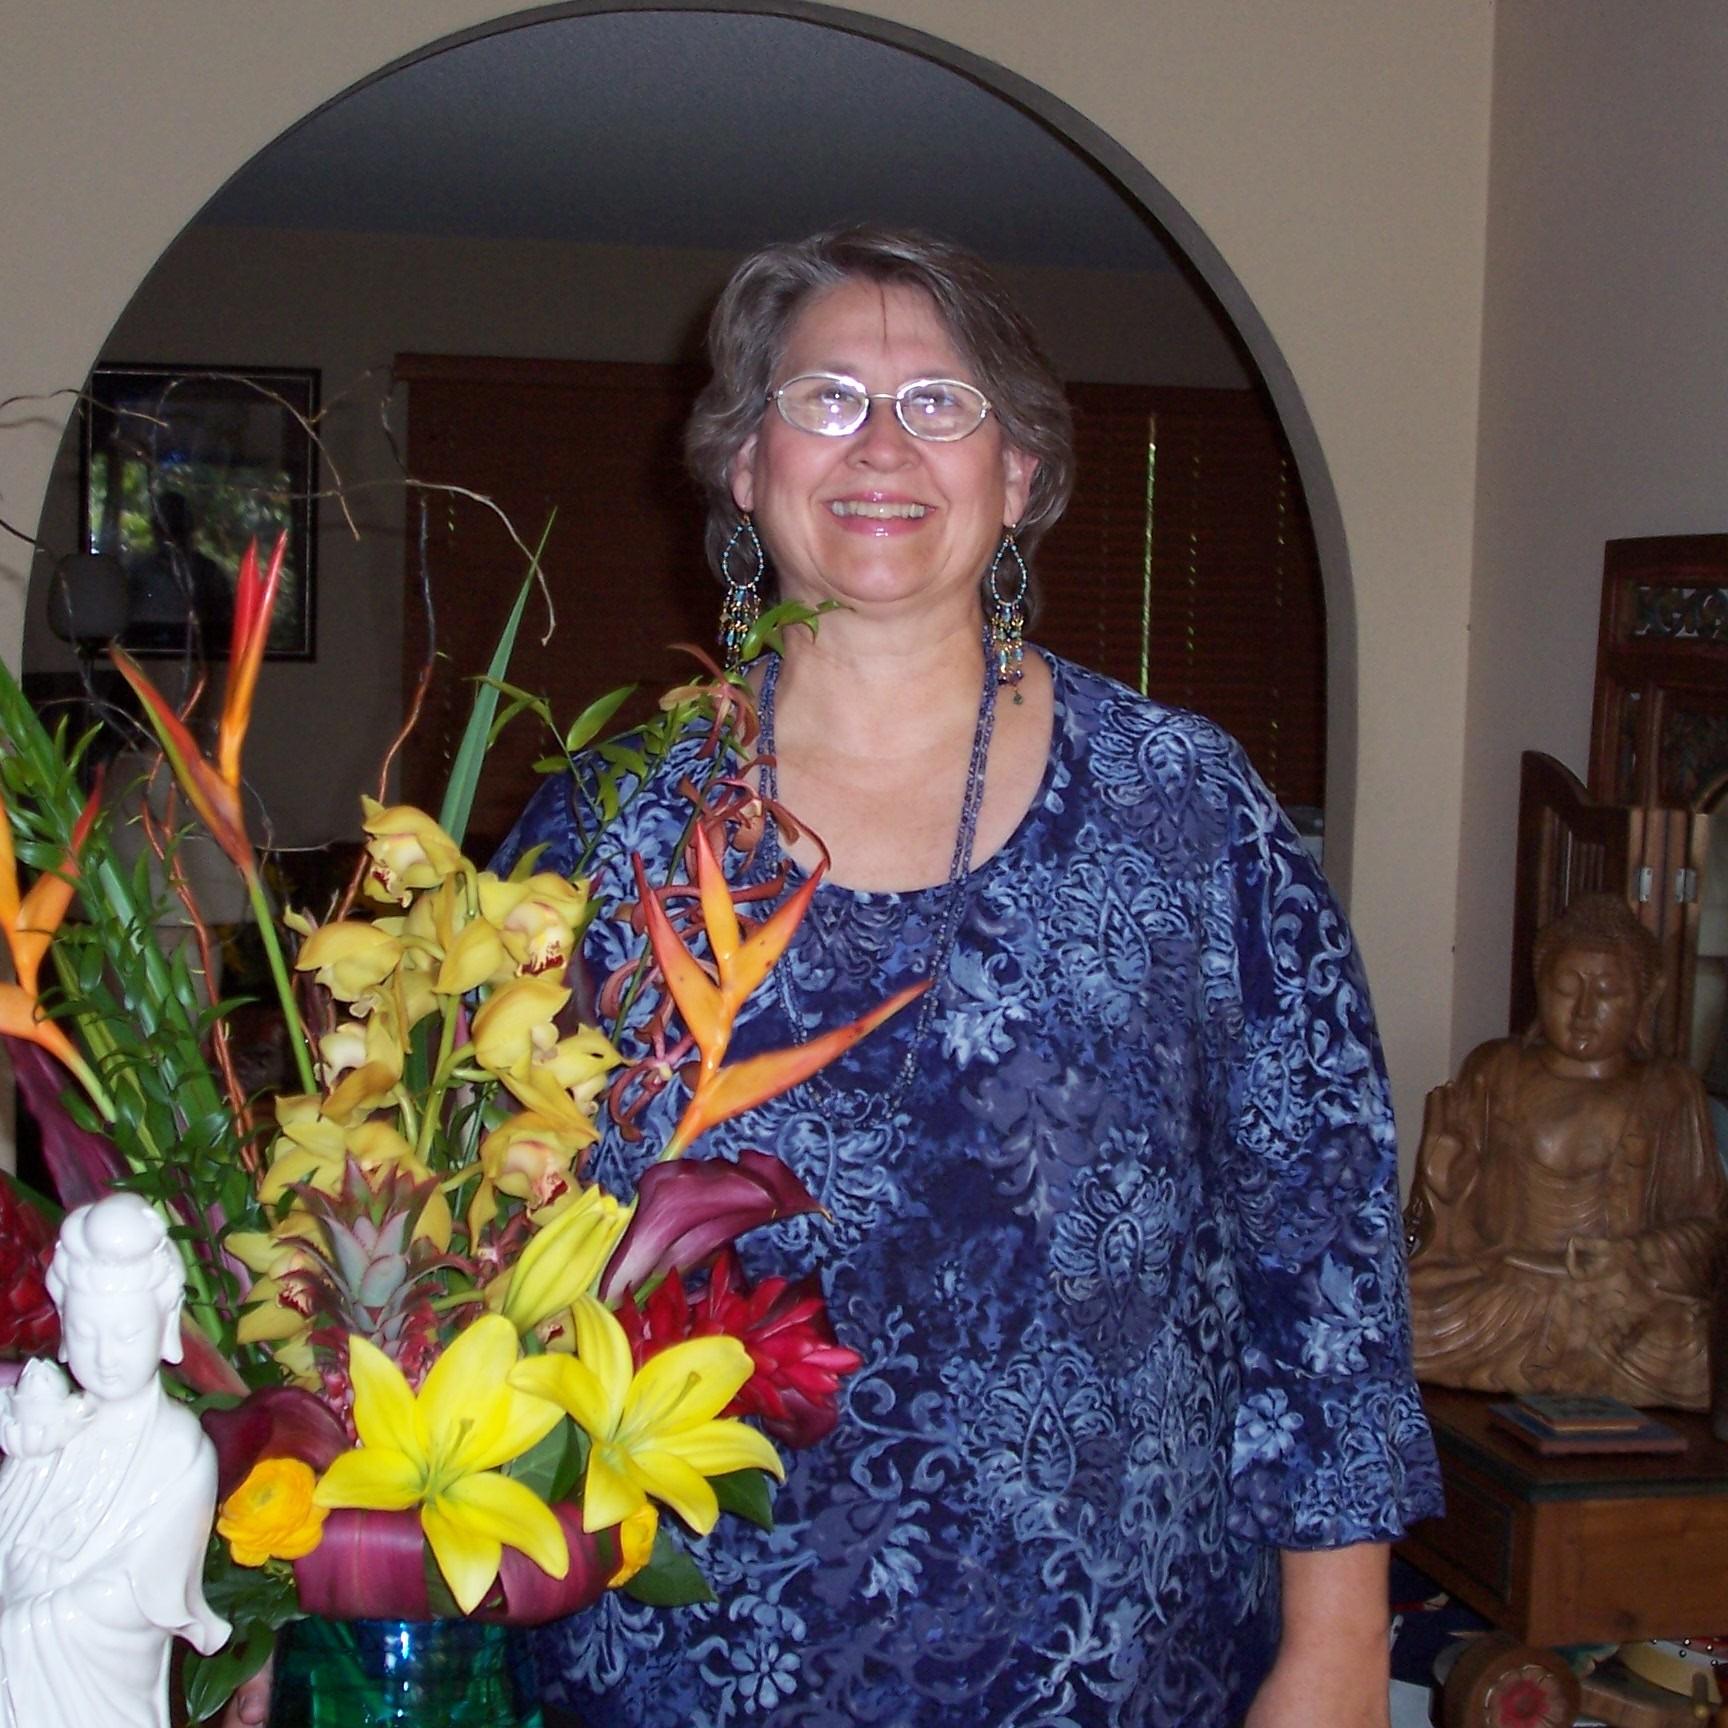 Judith Billson